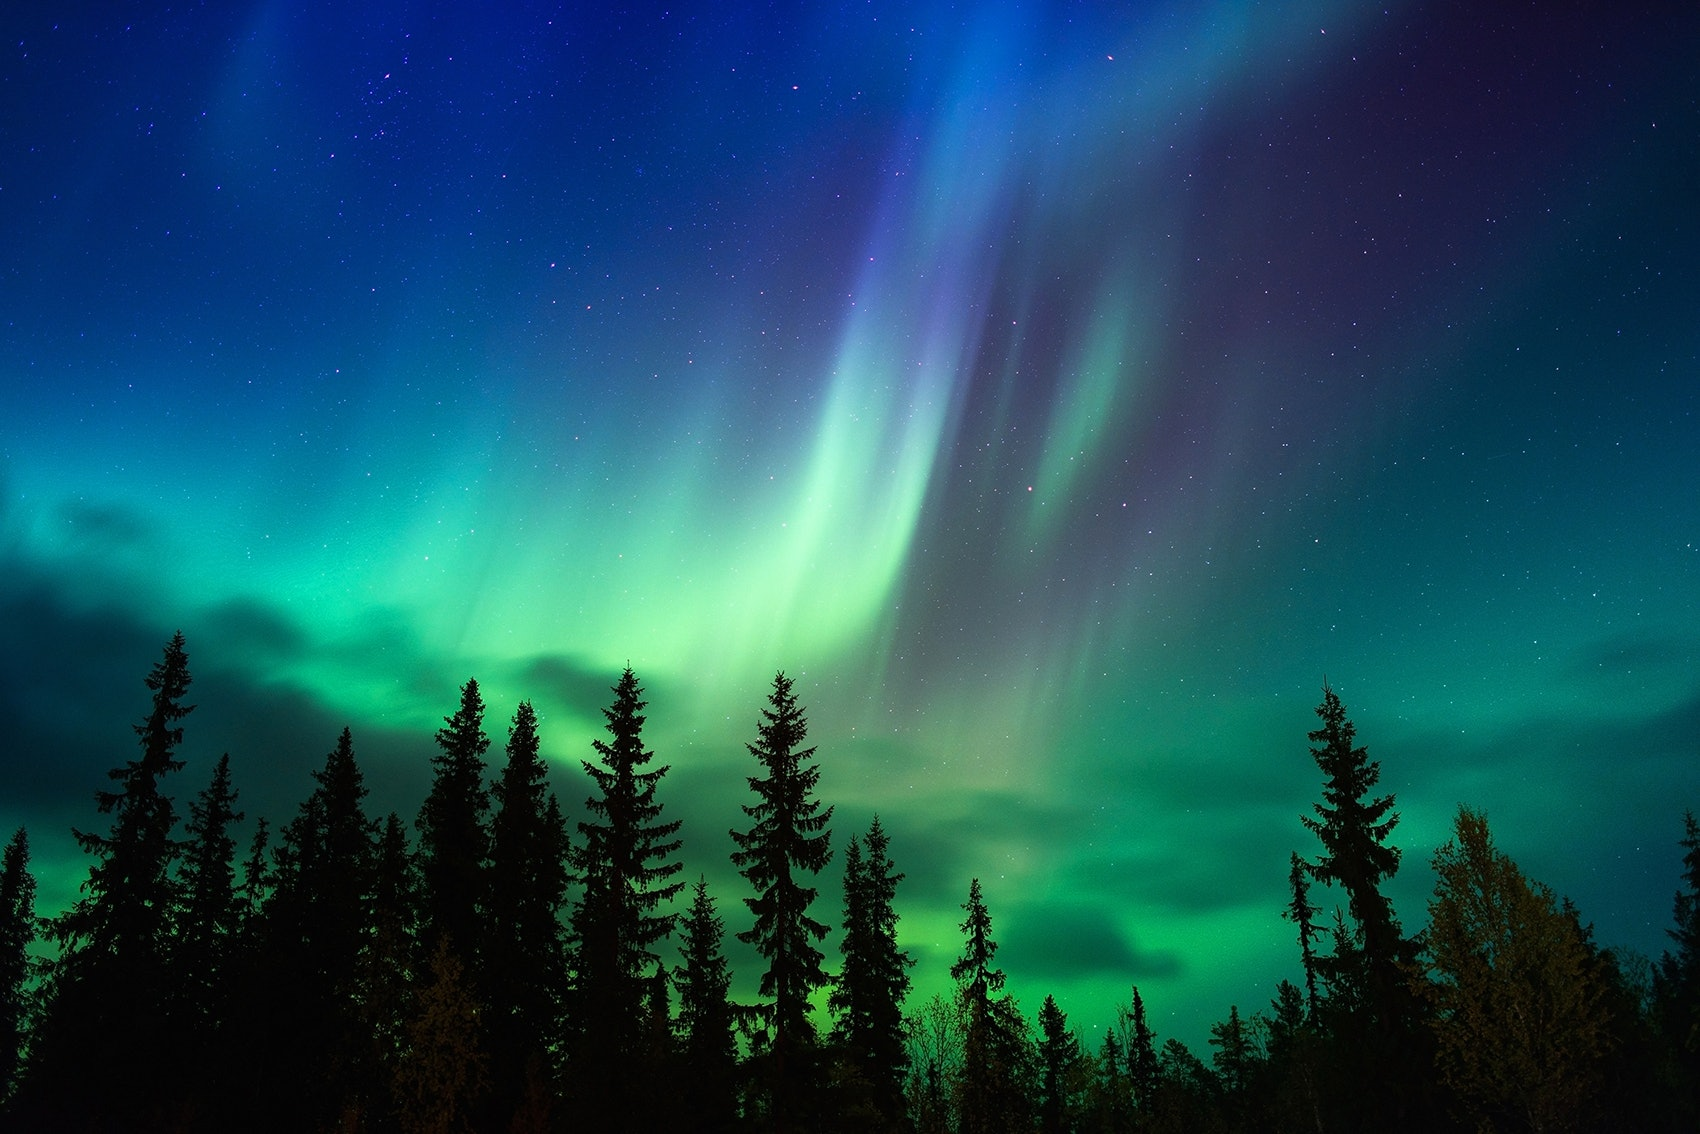 Enlightenment Of Night by Jonna Jinton